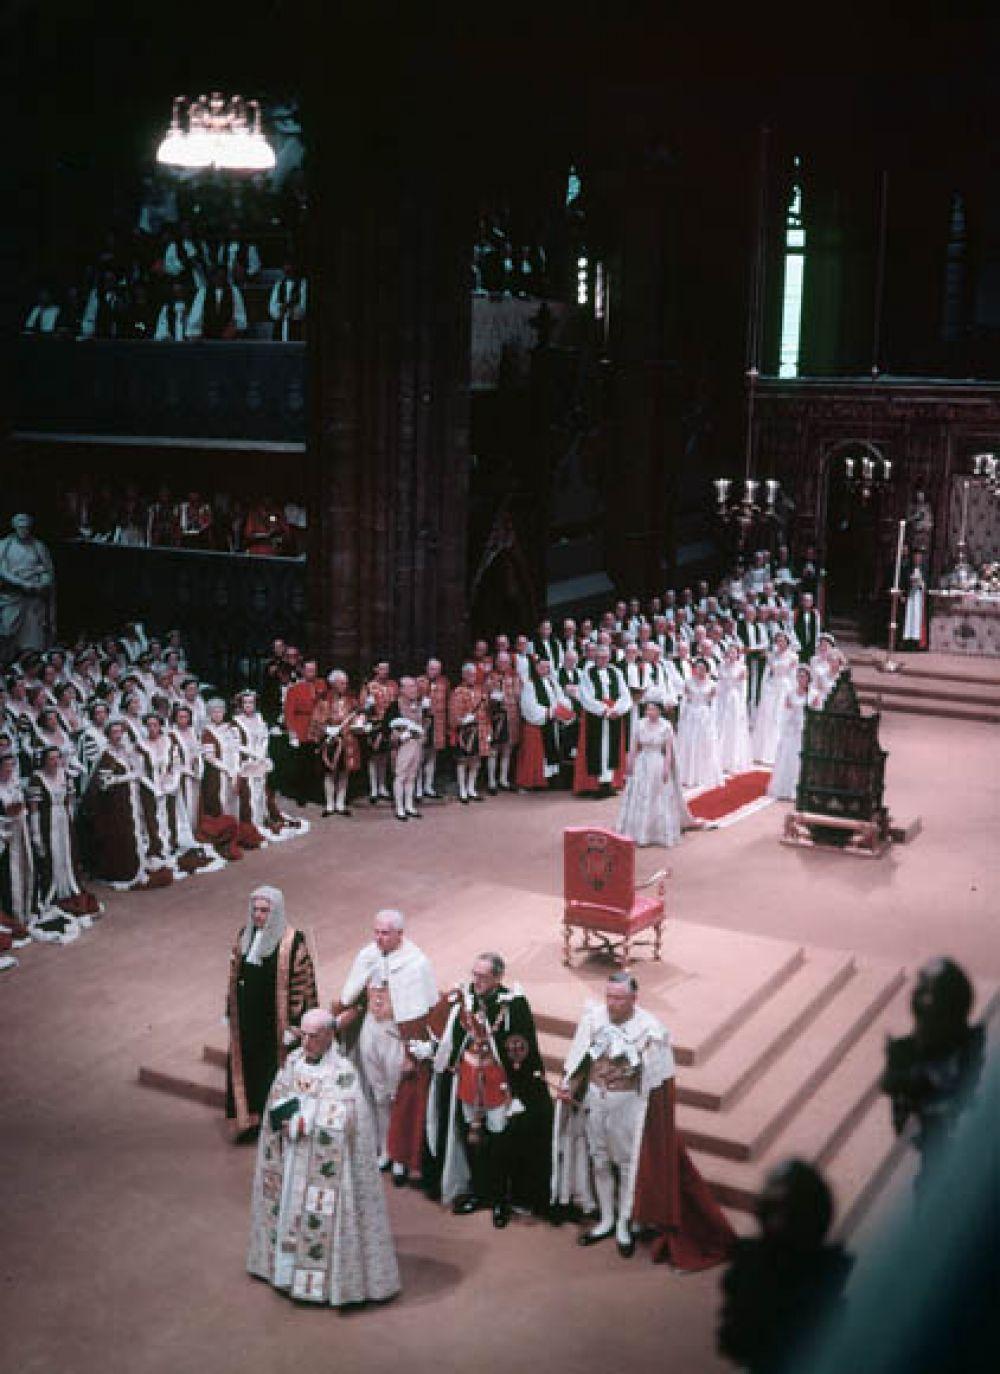 Церемонию проводил архиепископ Кентерберийский Джеффри Фишер. В этот день в Вестминстерском аббатстве присутствовали в общей сложности 8 251 человек.